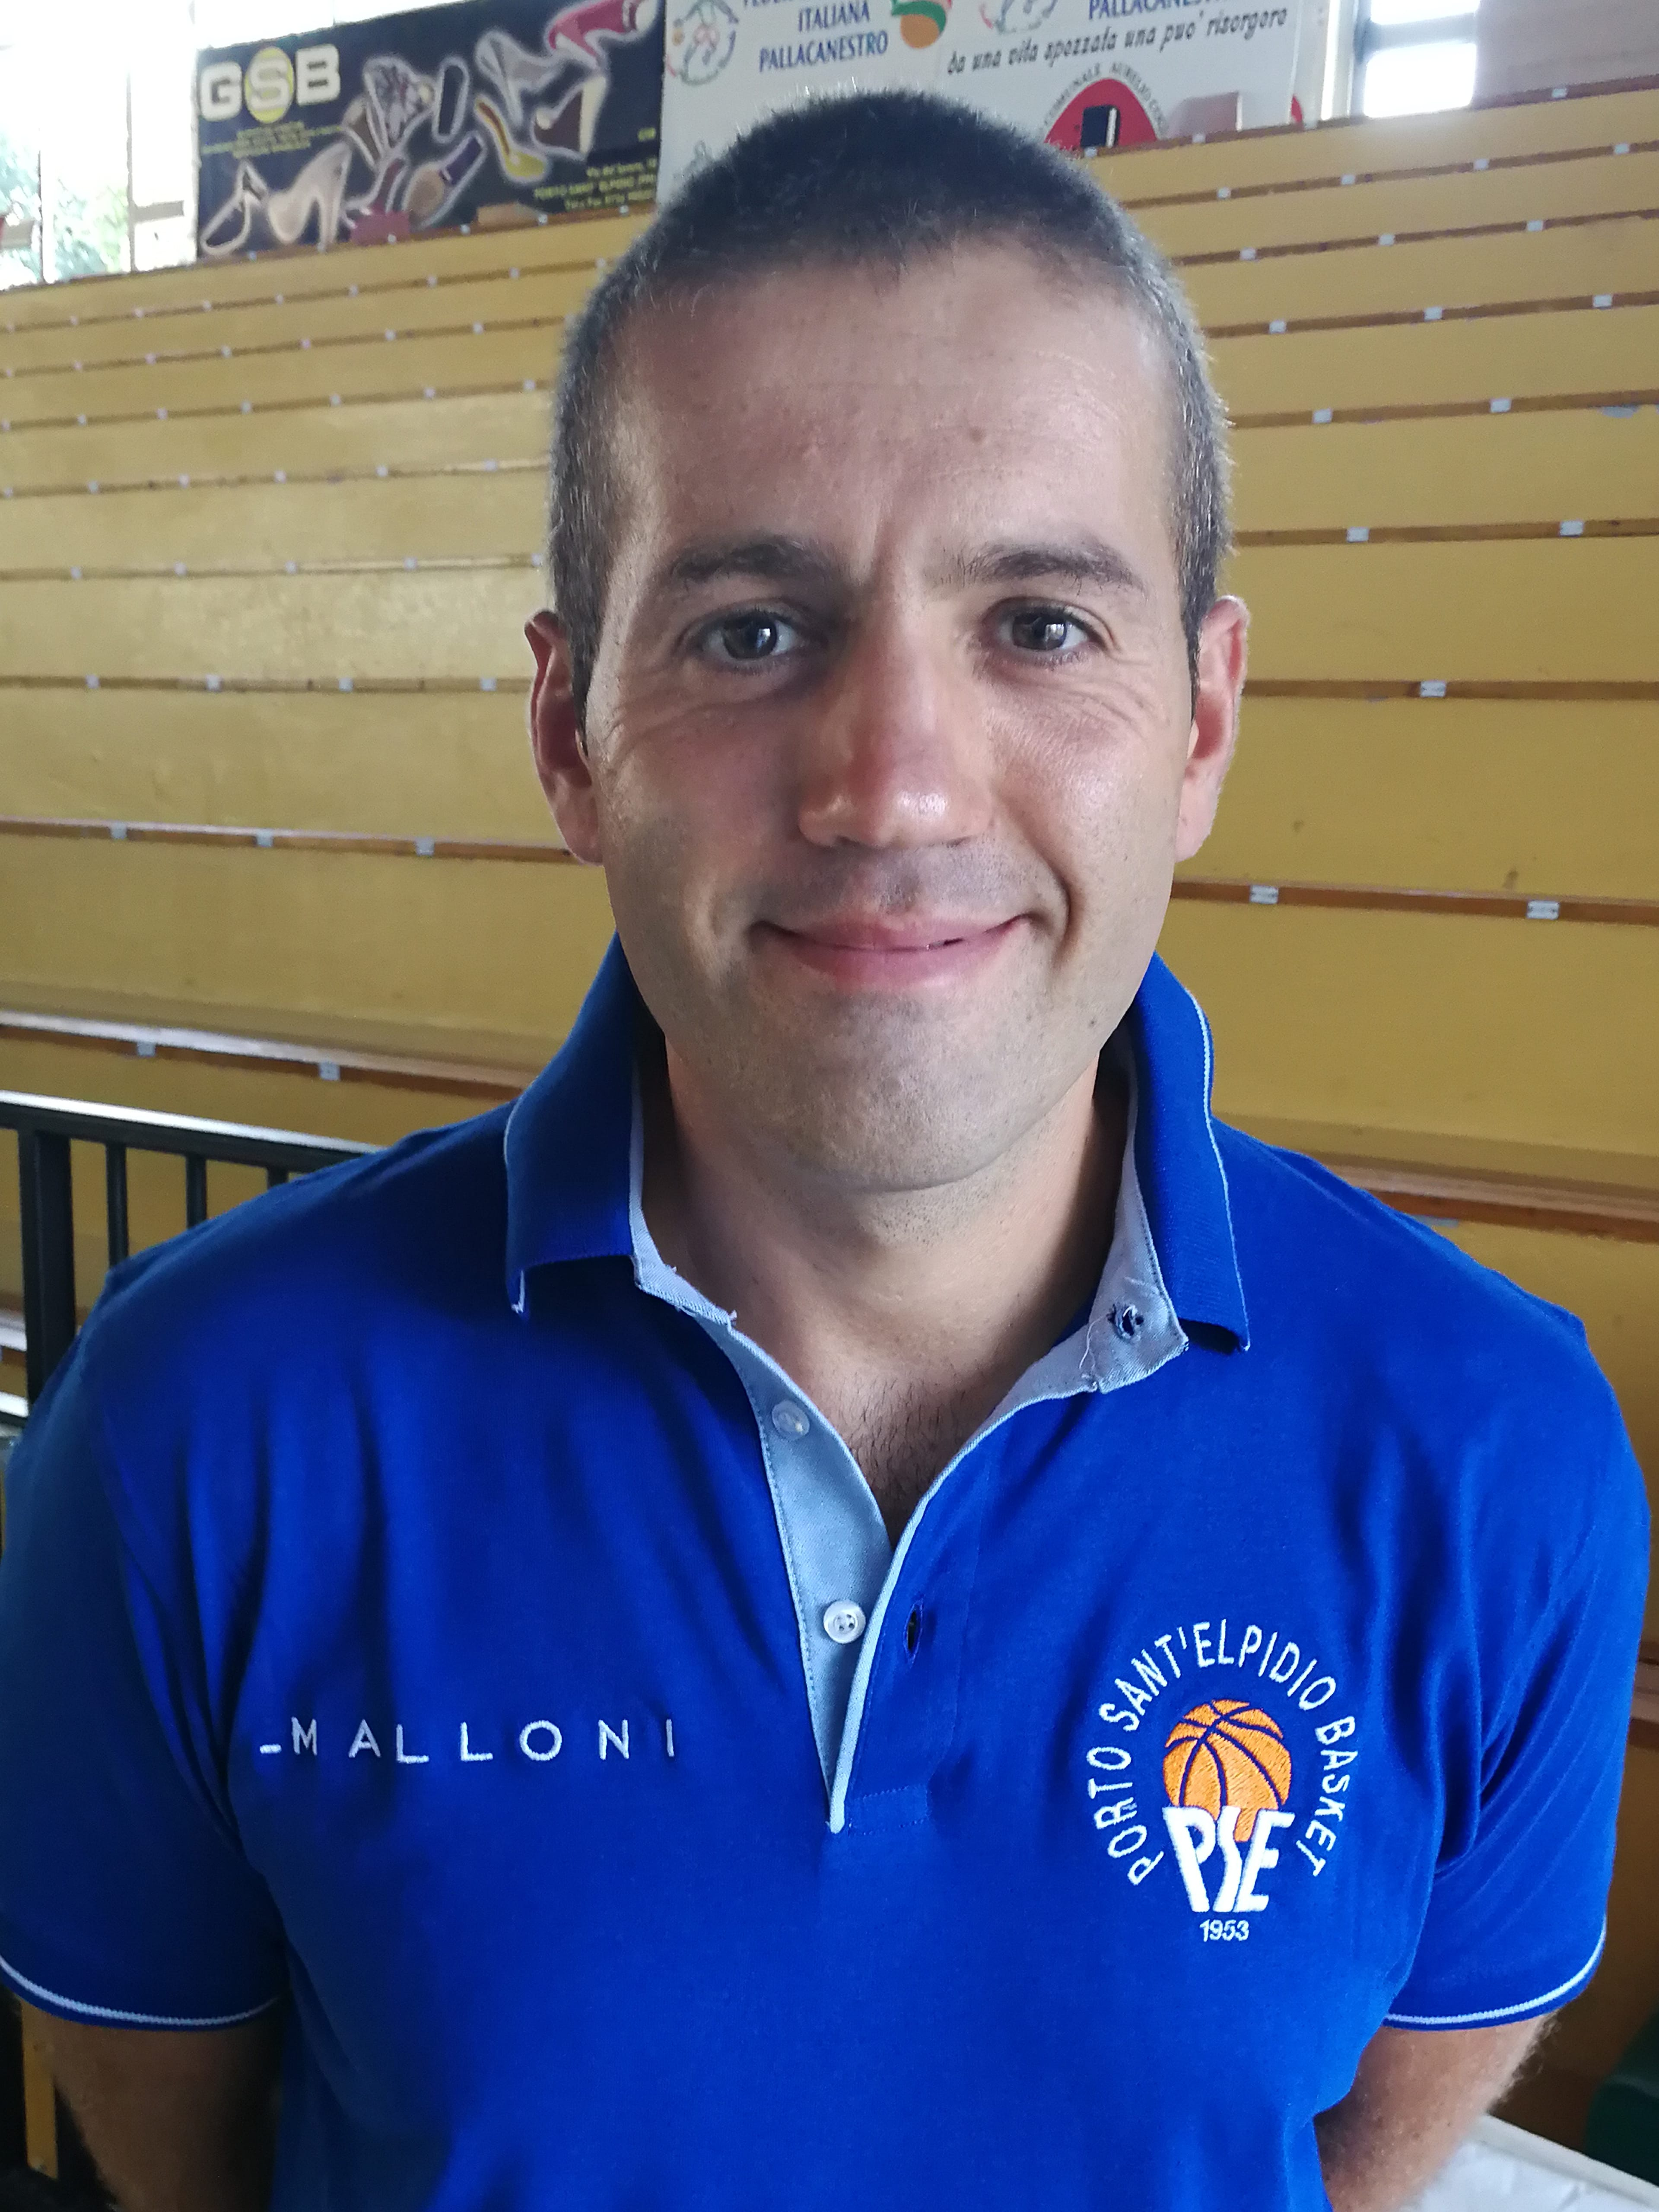 E' Gianluca Pizi il nuovo capo allenatore del P.S.Elpidio Basket